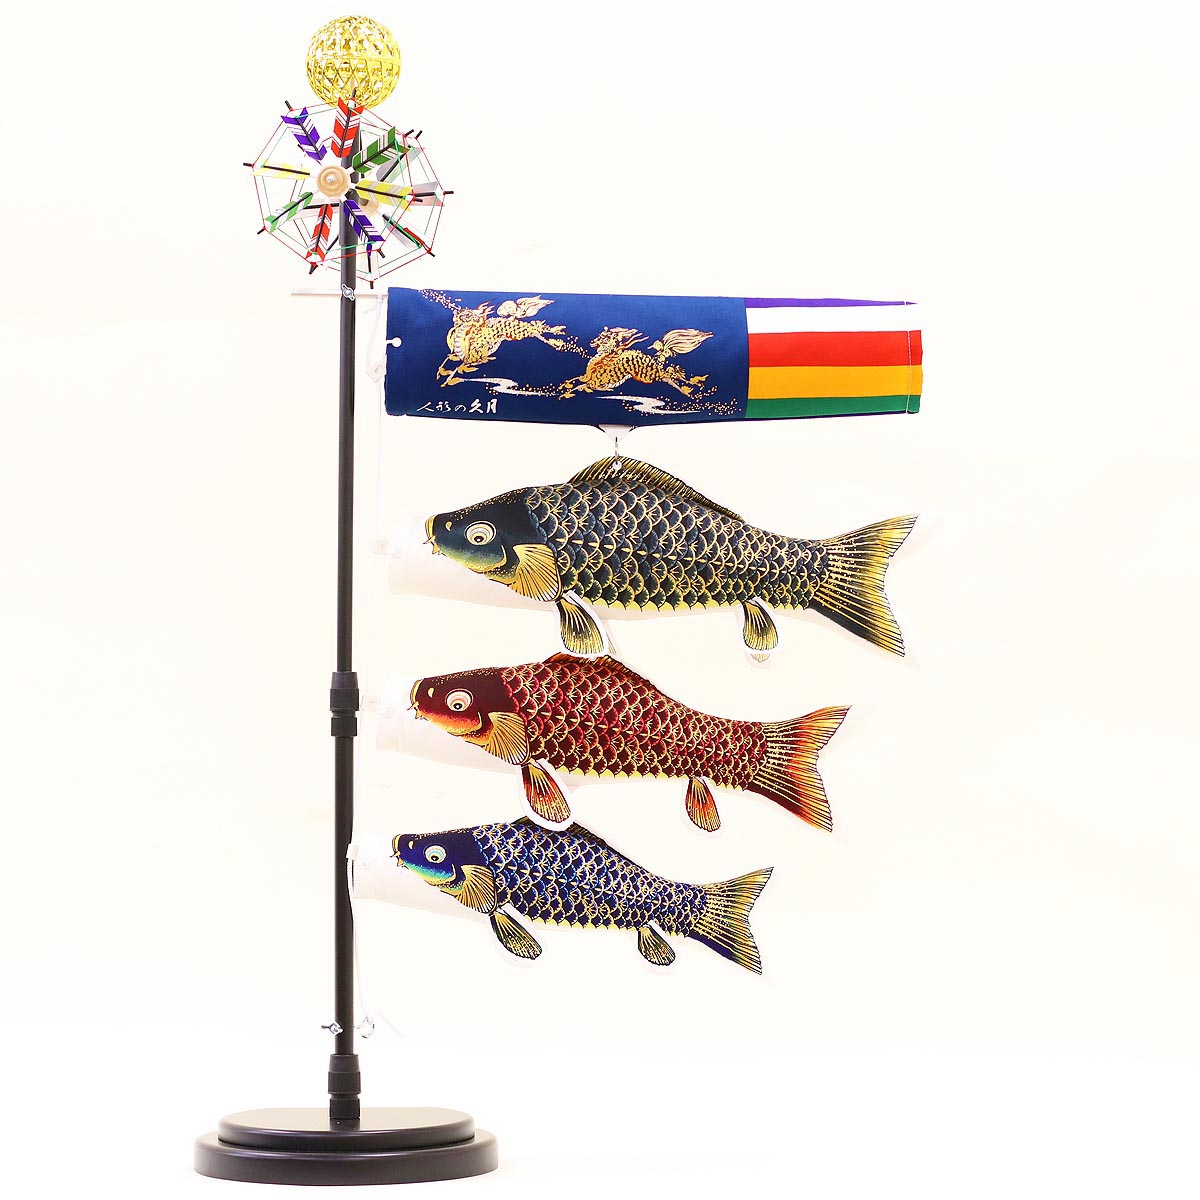 久月 室内用麒麟児鯉 KOQ-RM-TK628 [P10]つるし飾り 吊るし飾り 室内用 こいのぼり で 端午の節句 こどもの日 のお祝いに